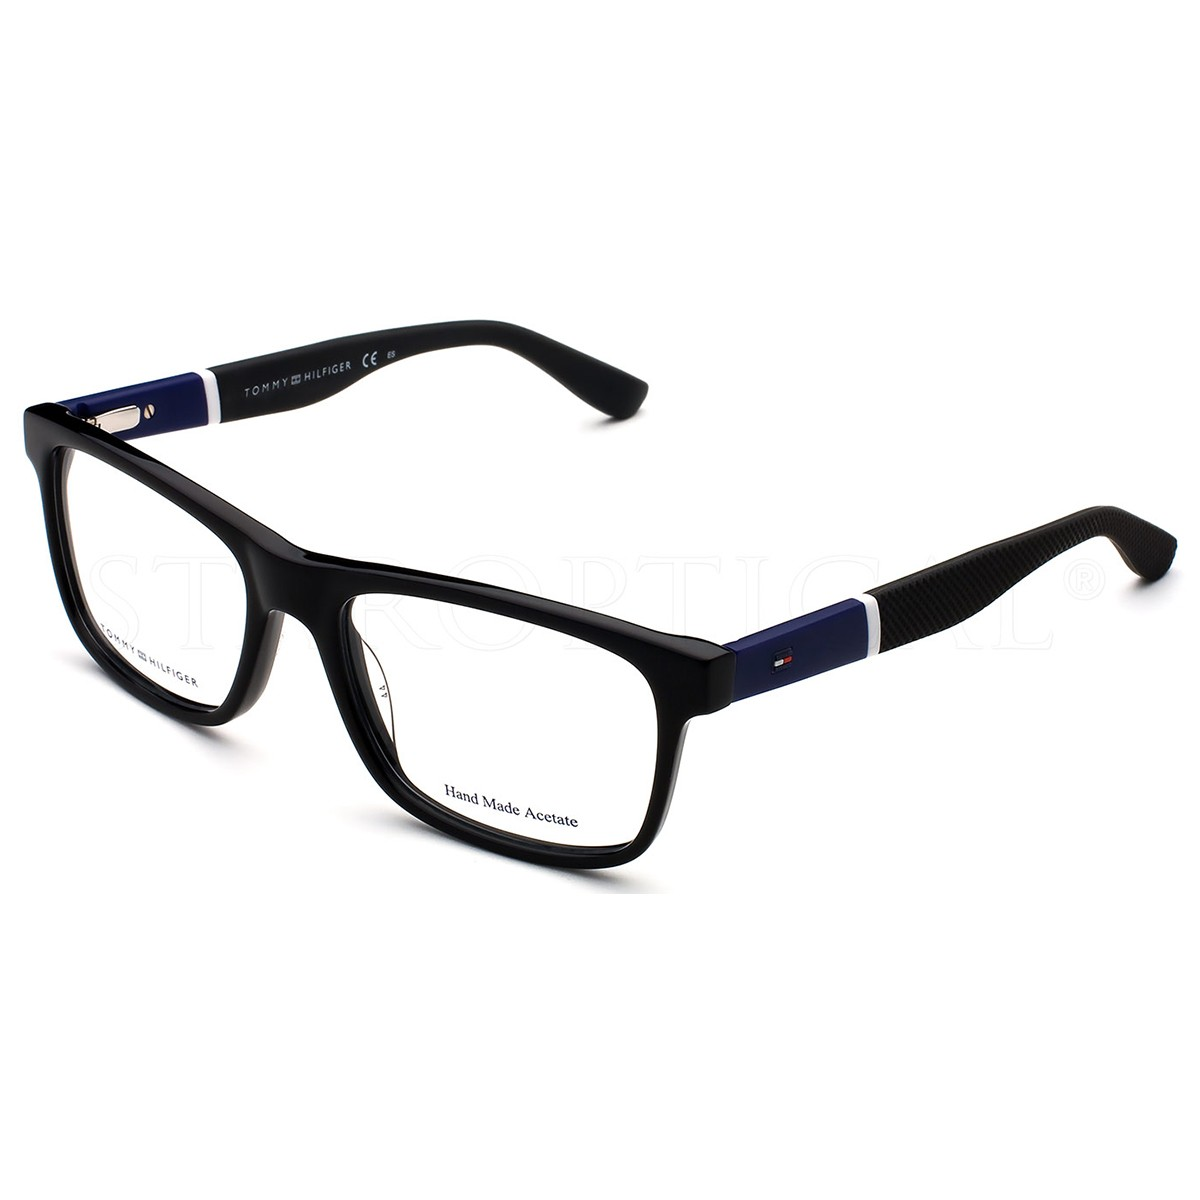 786346a2a2224 Compre Óculos de Grau Tommy Hilfiger em 10X